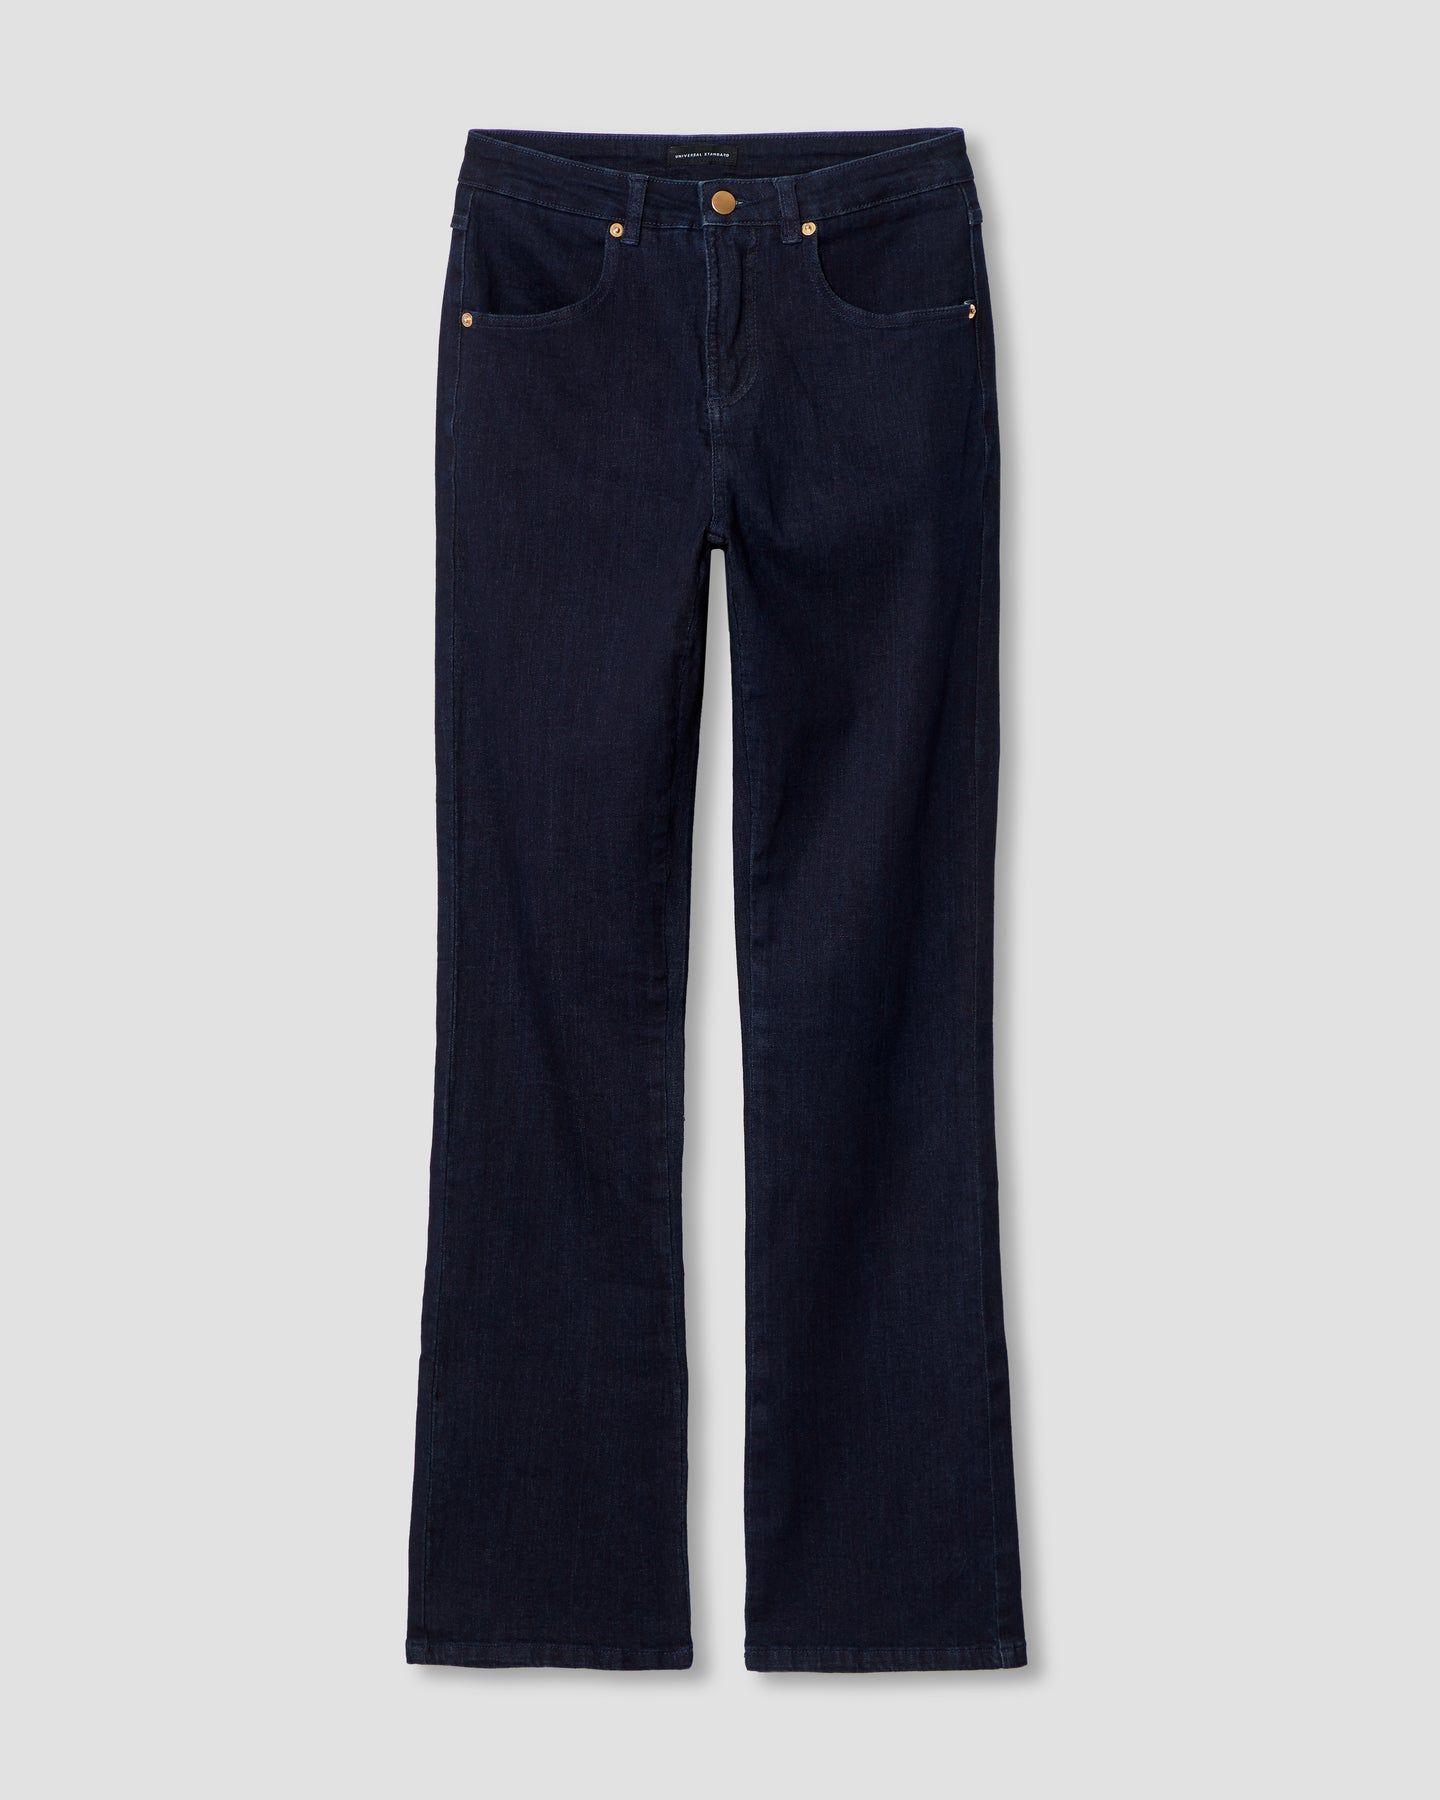 Marne Bootcut Jeans 32 inch - Dark Indigo - image 1